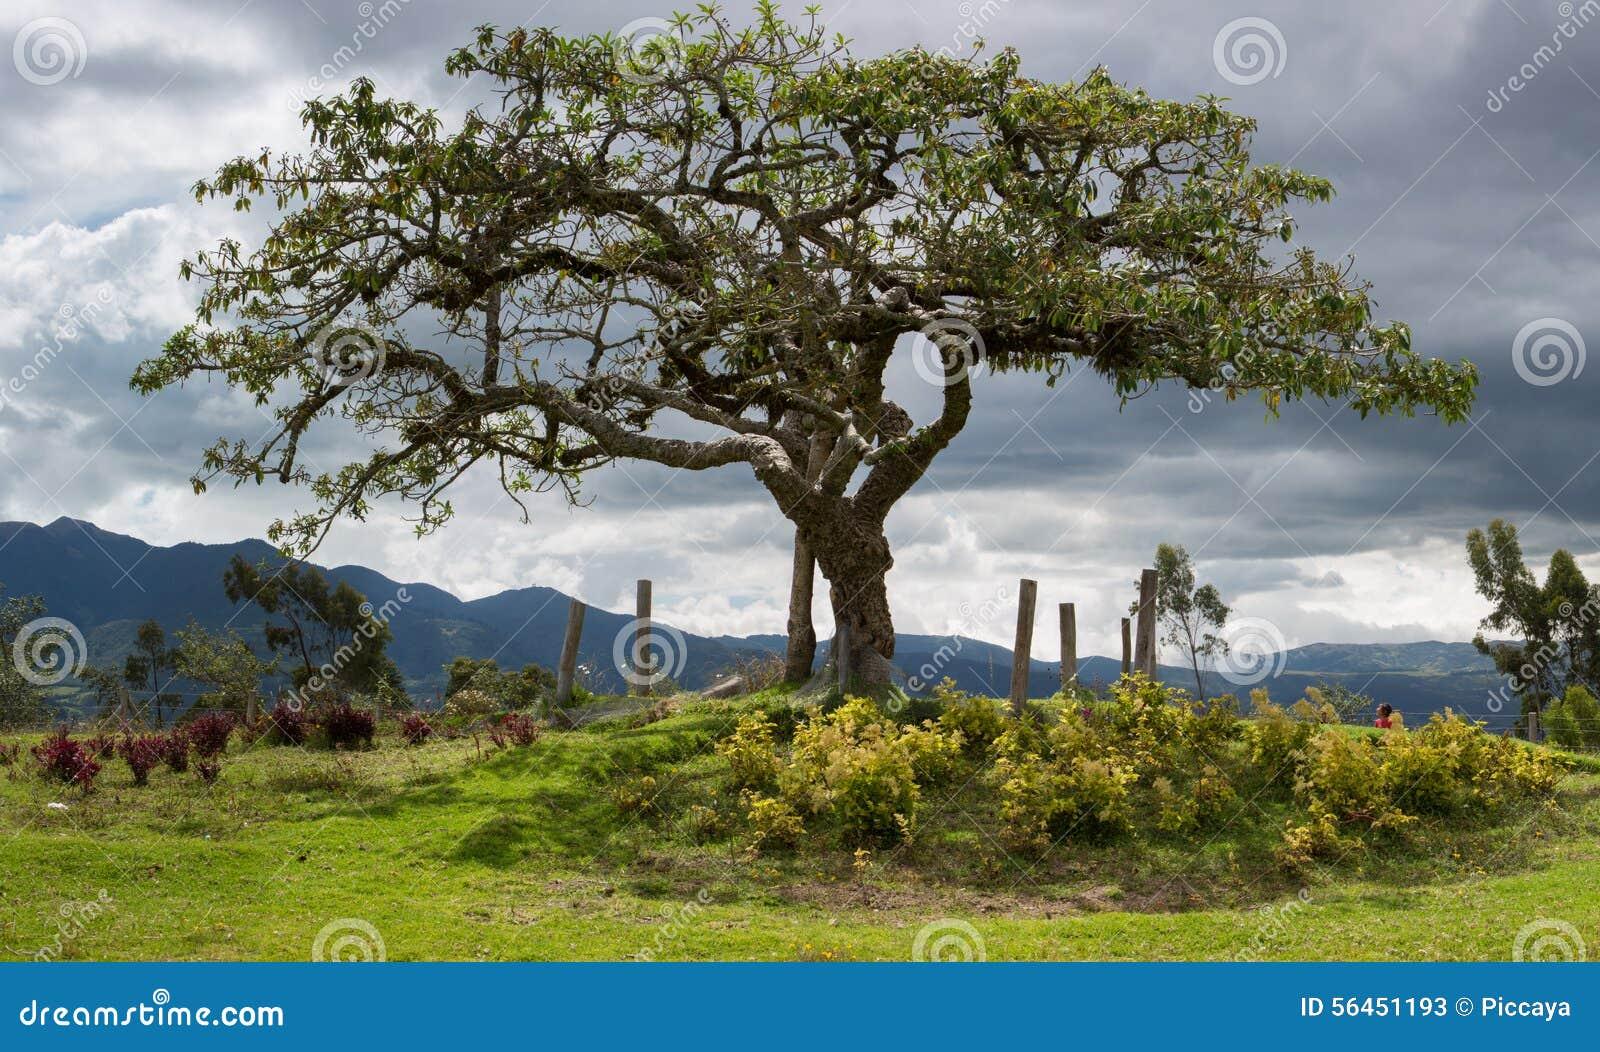 EL Lechero, el árbol sagrado de Otavalo